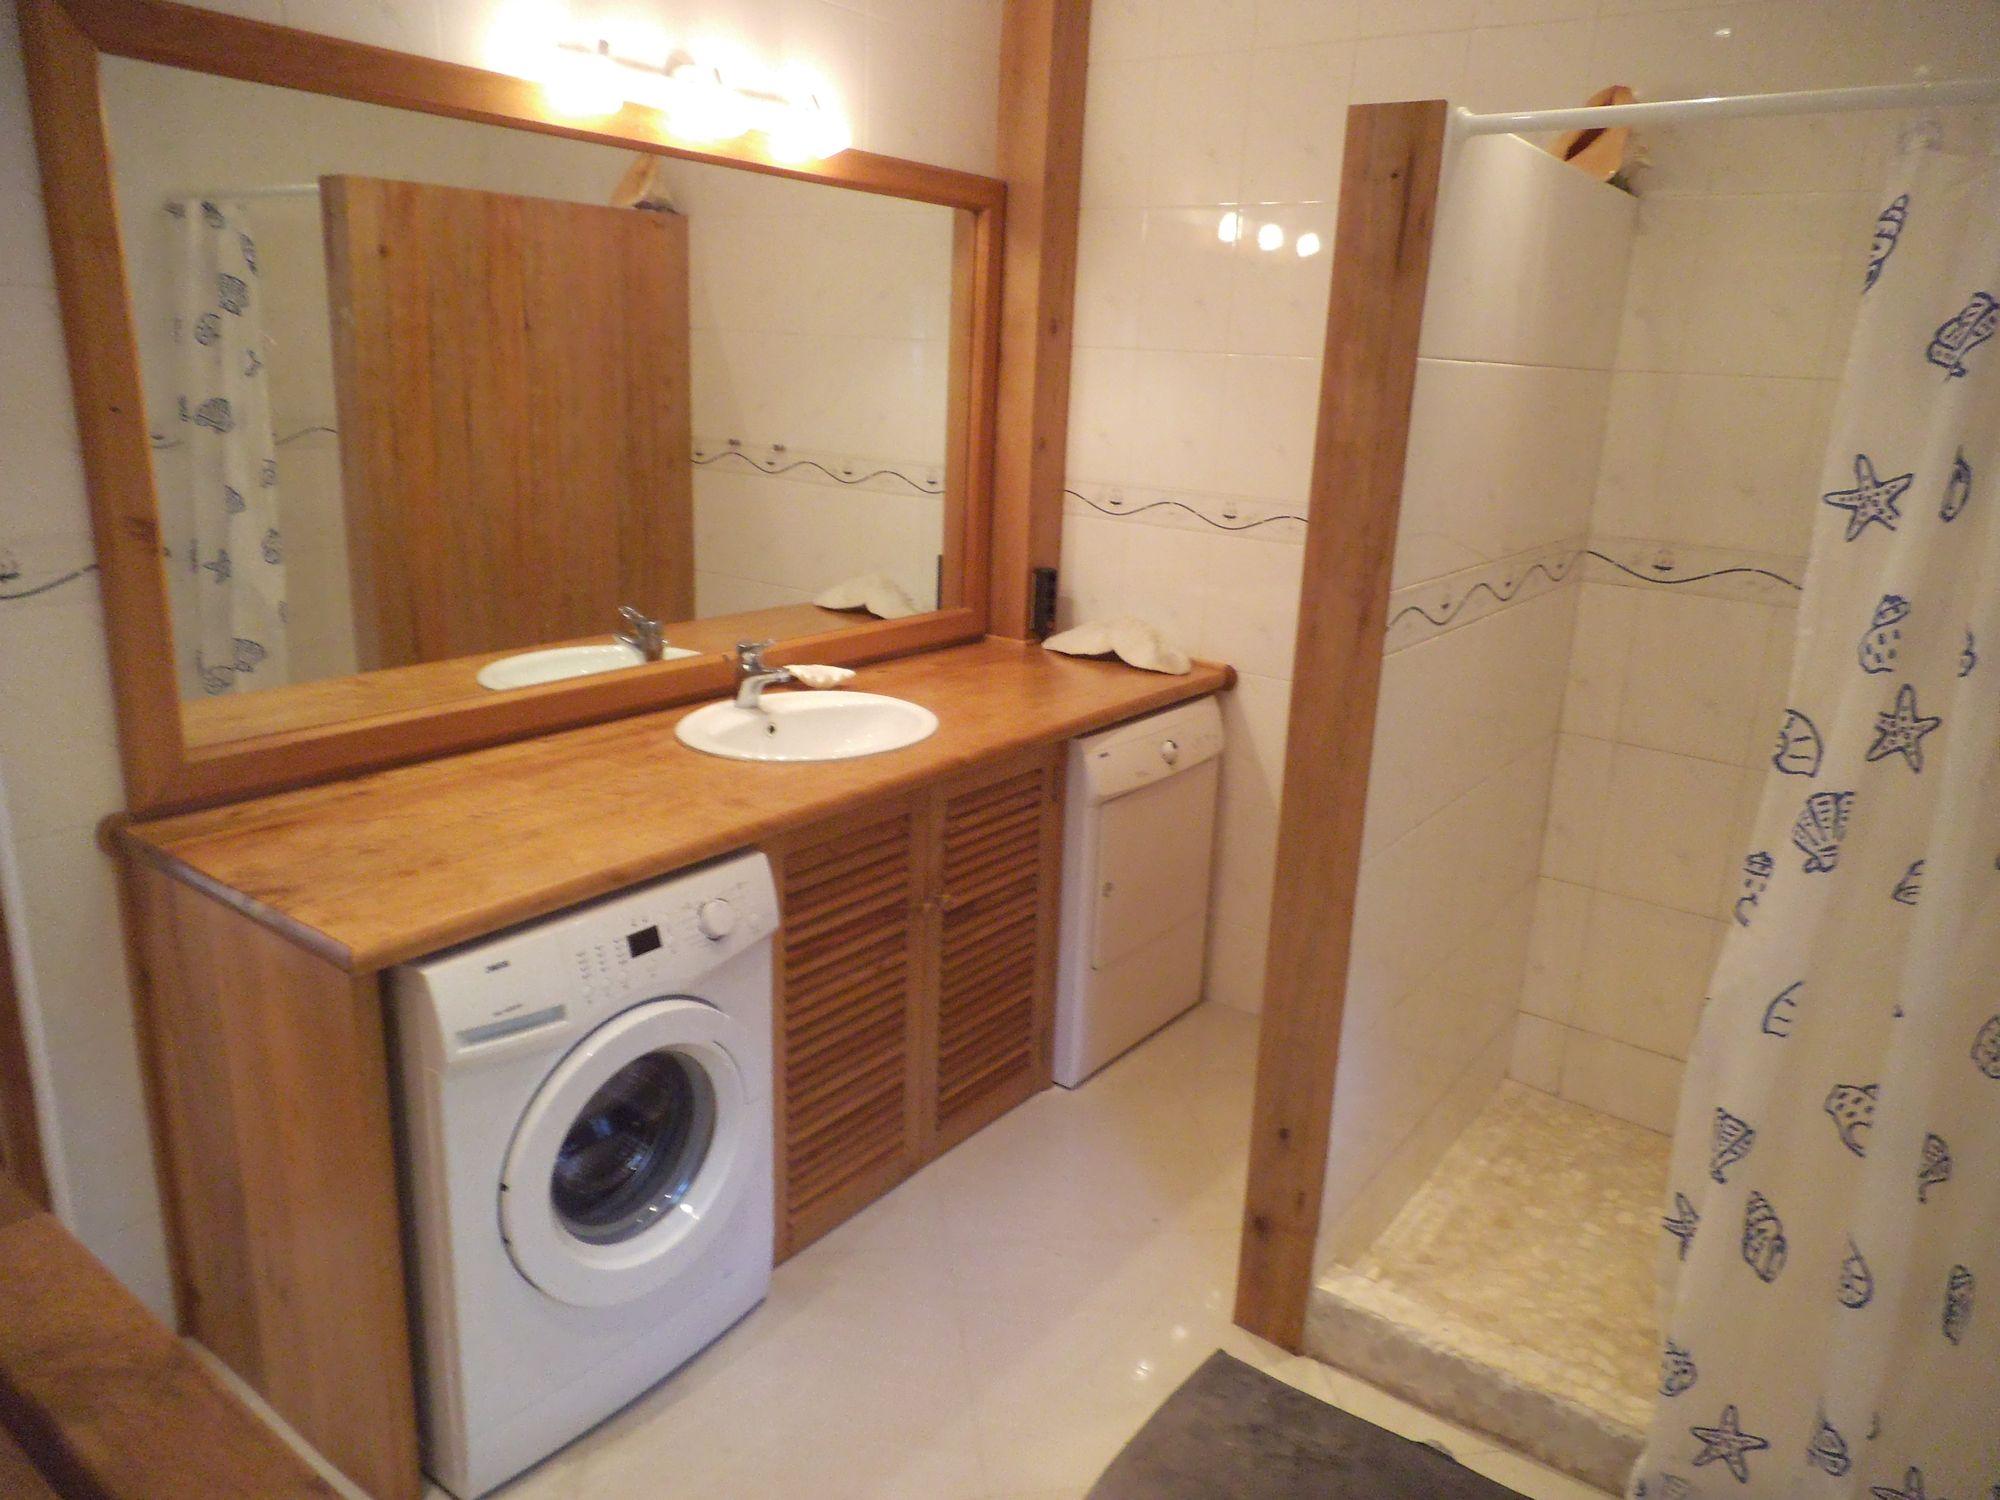 Ziemlich Schrank Für Waschmaschine Fotos - Die Designideen für ...